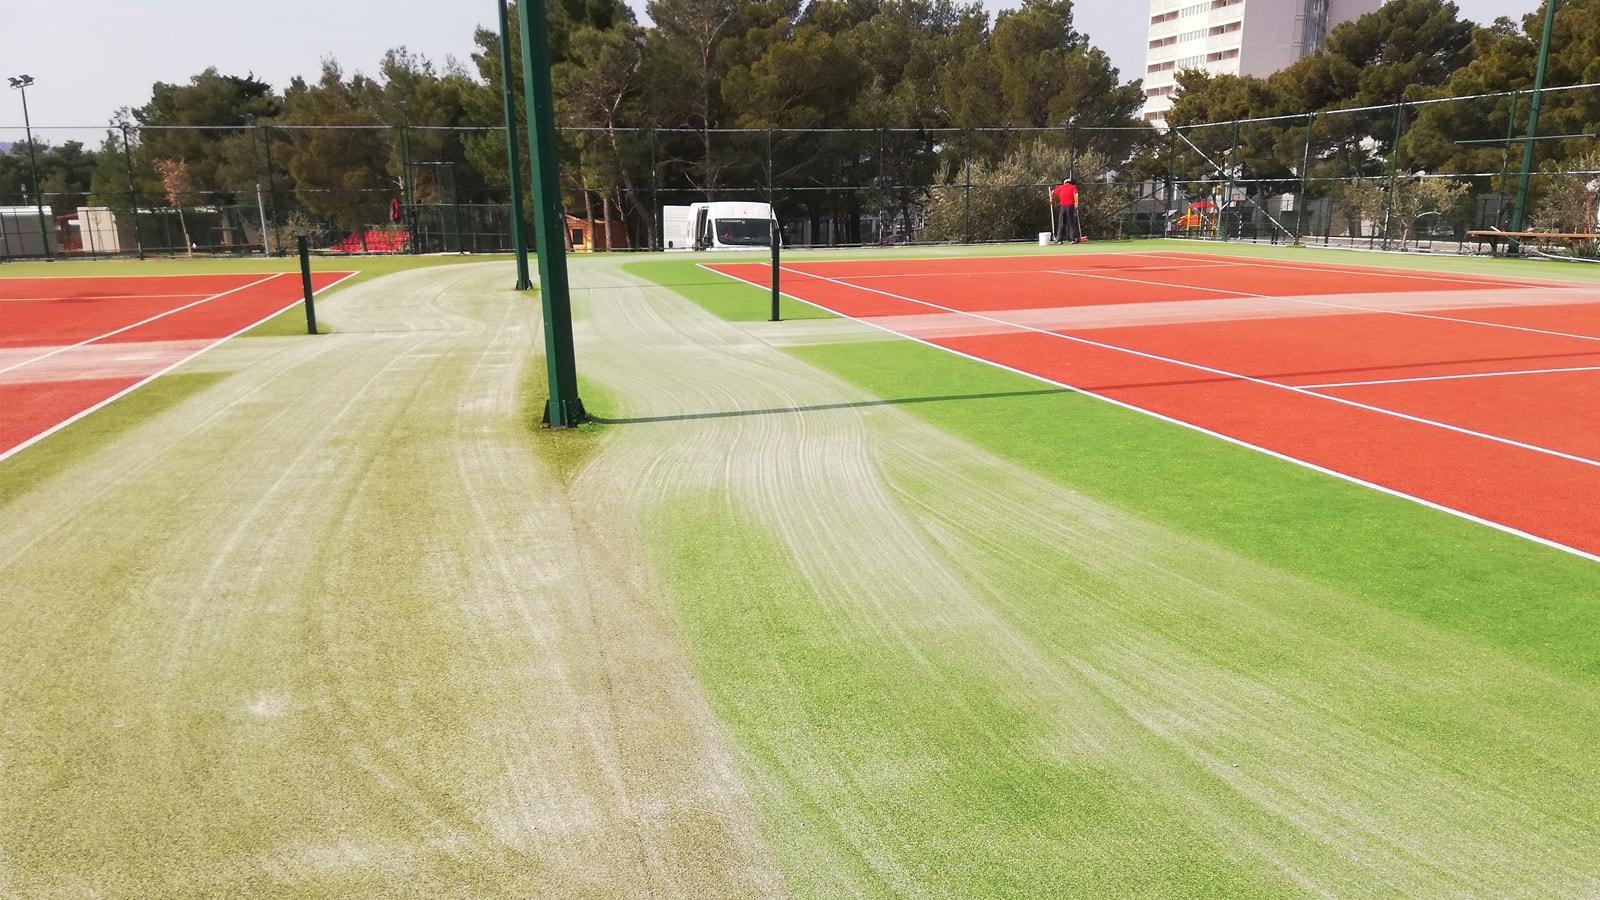 buco-sport-sanacija-tenis-teren-1-min